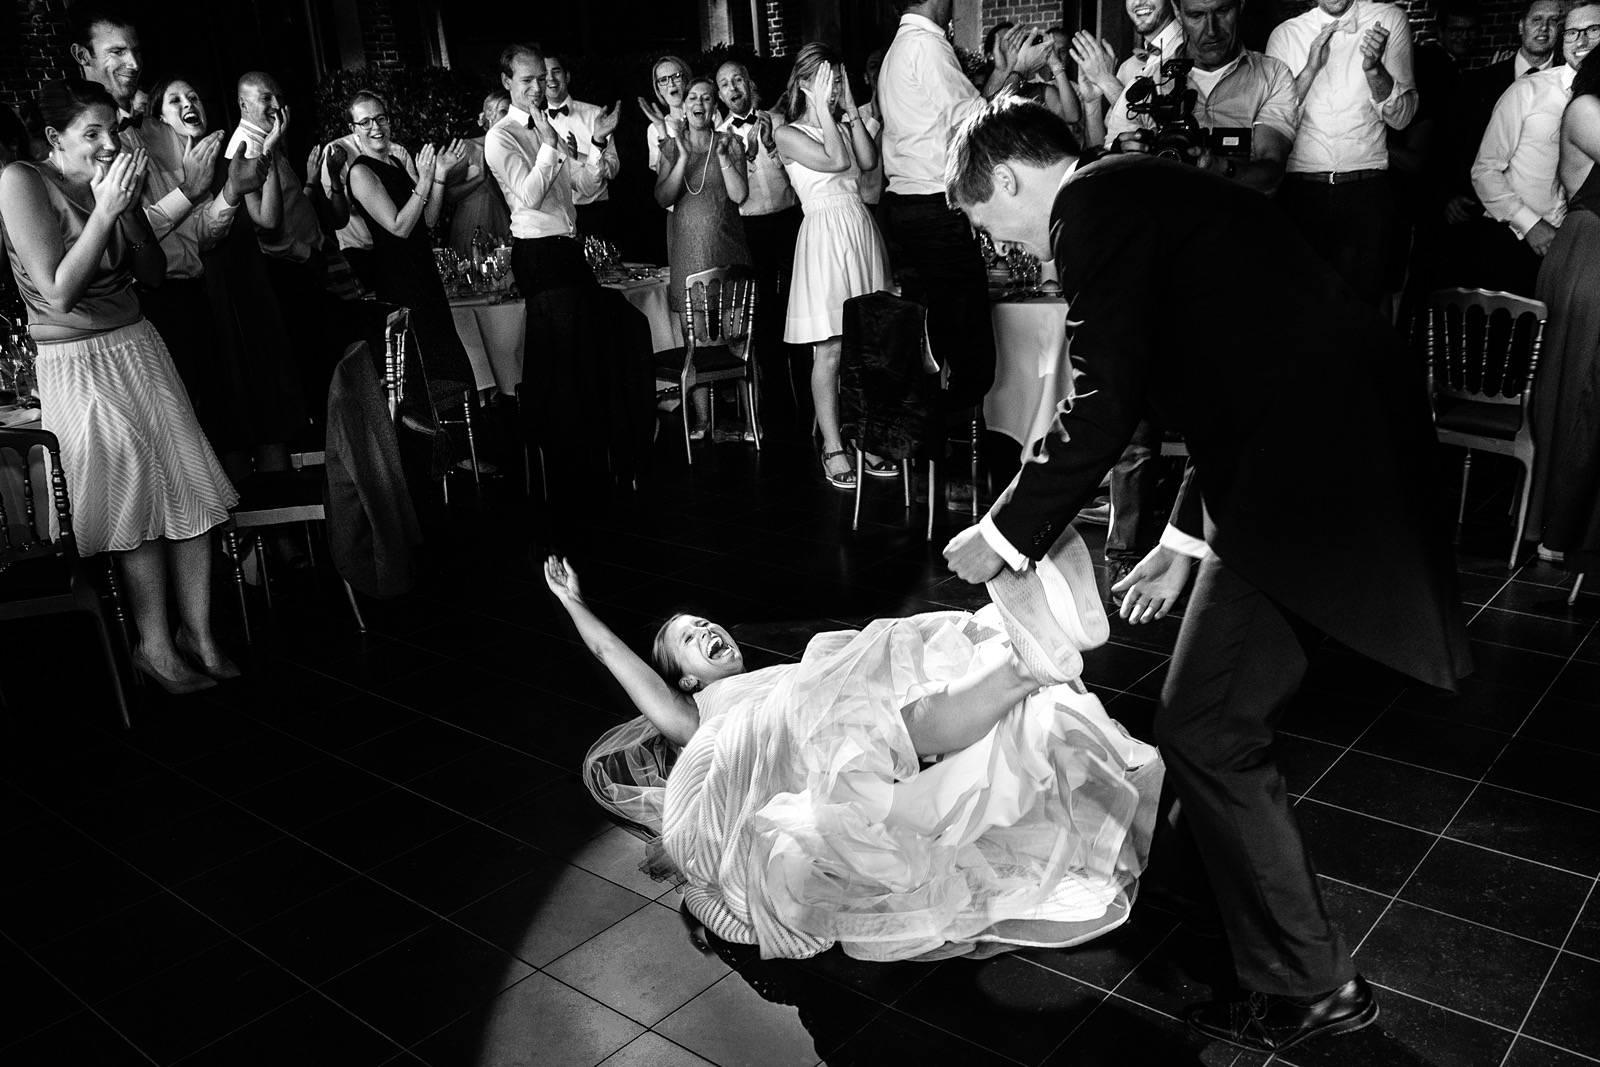 Yves Schepers Photography - Fotograaf - Huwelijksfotograaf - Trouwfotograaf - Bruidsfotograaf - House of Weddings - 38